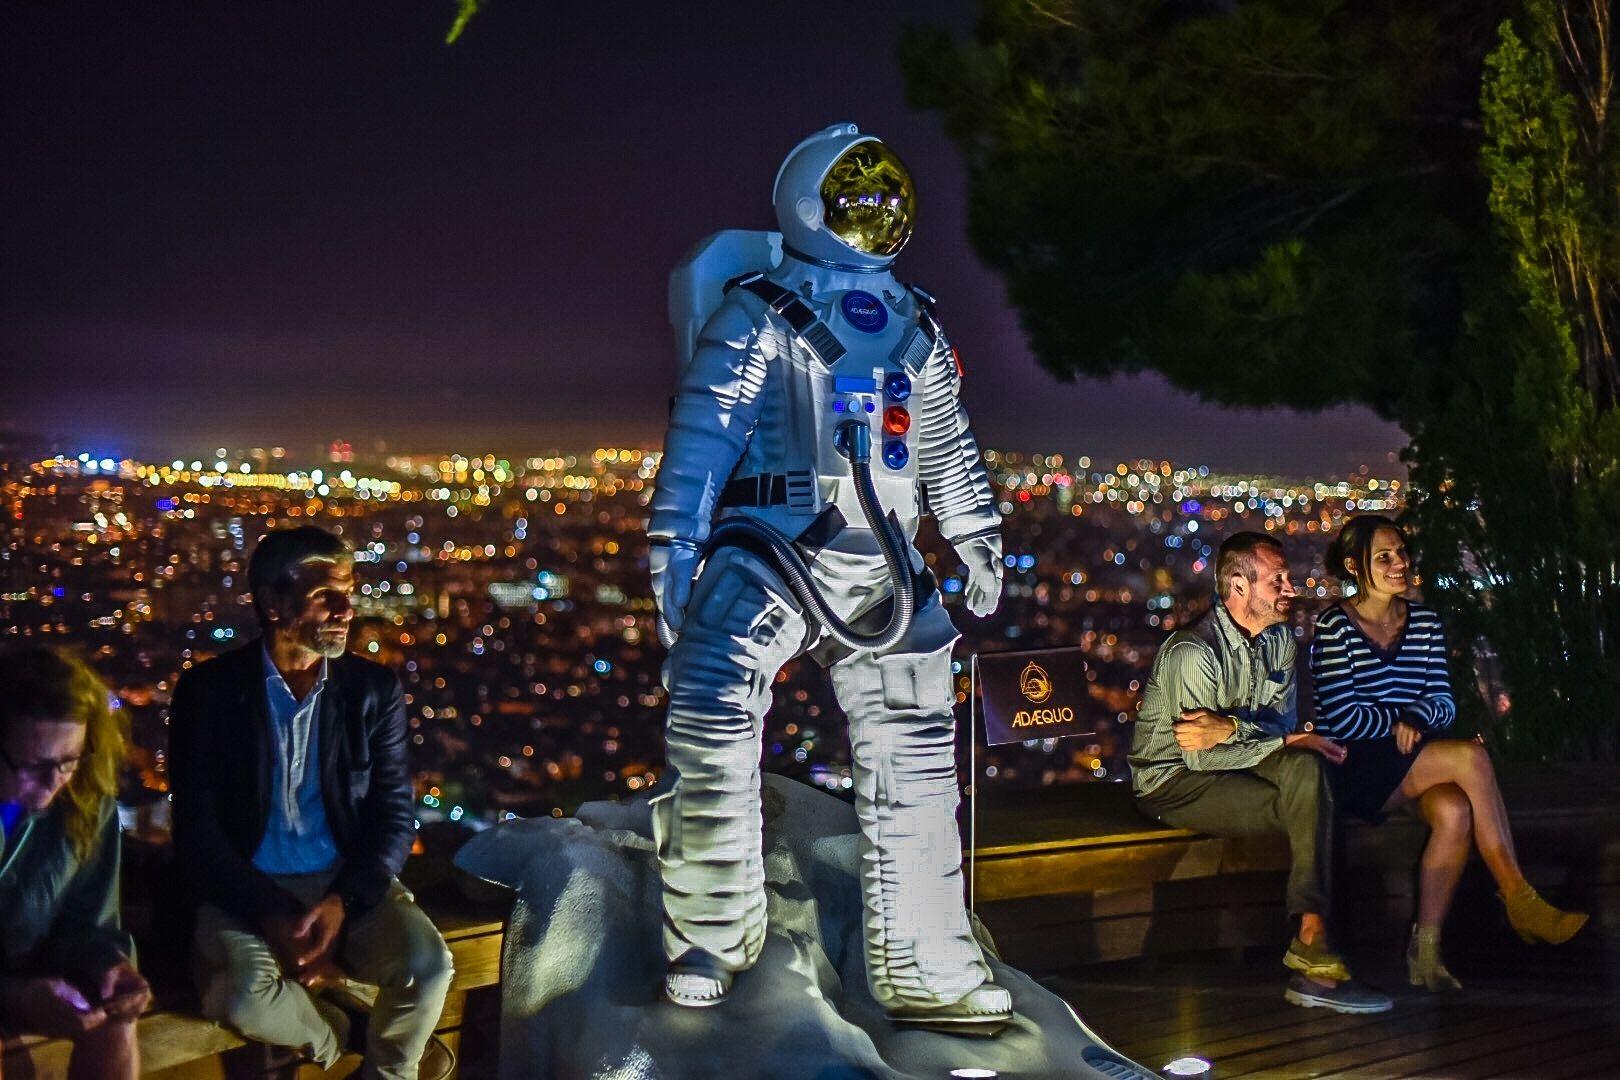 Fotografia Gran astronauta que ha presidido la ciudad de Barcelona